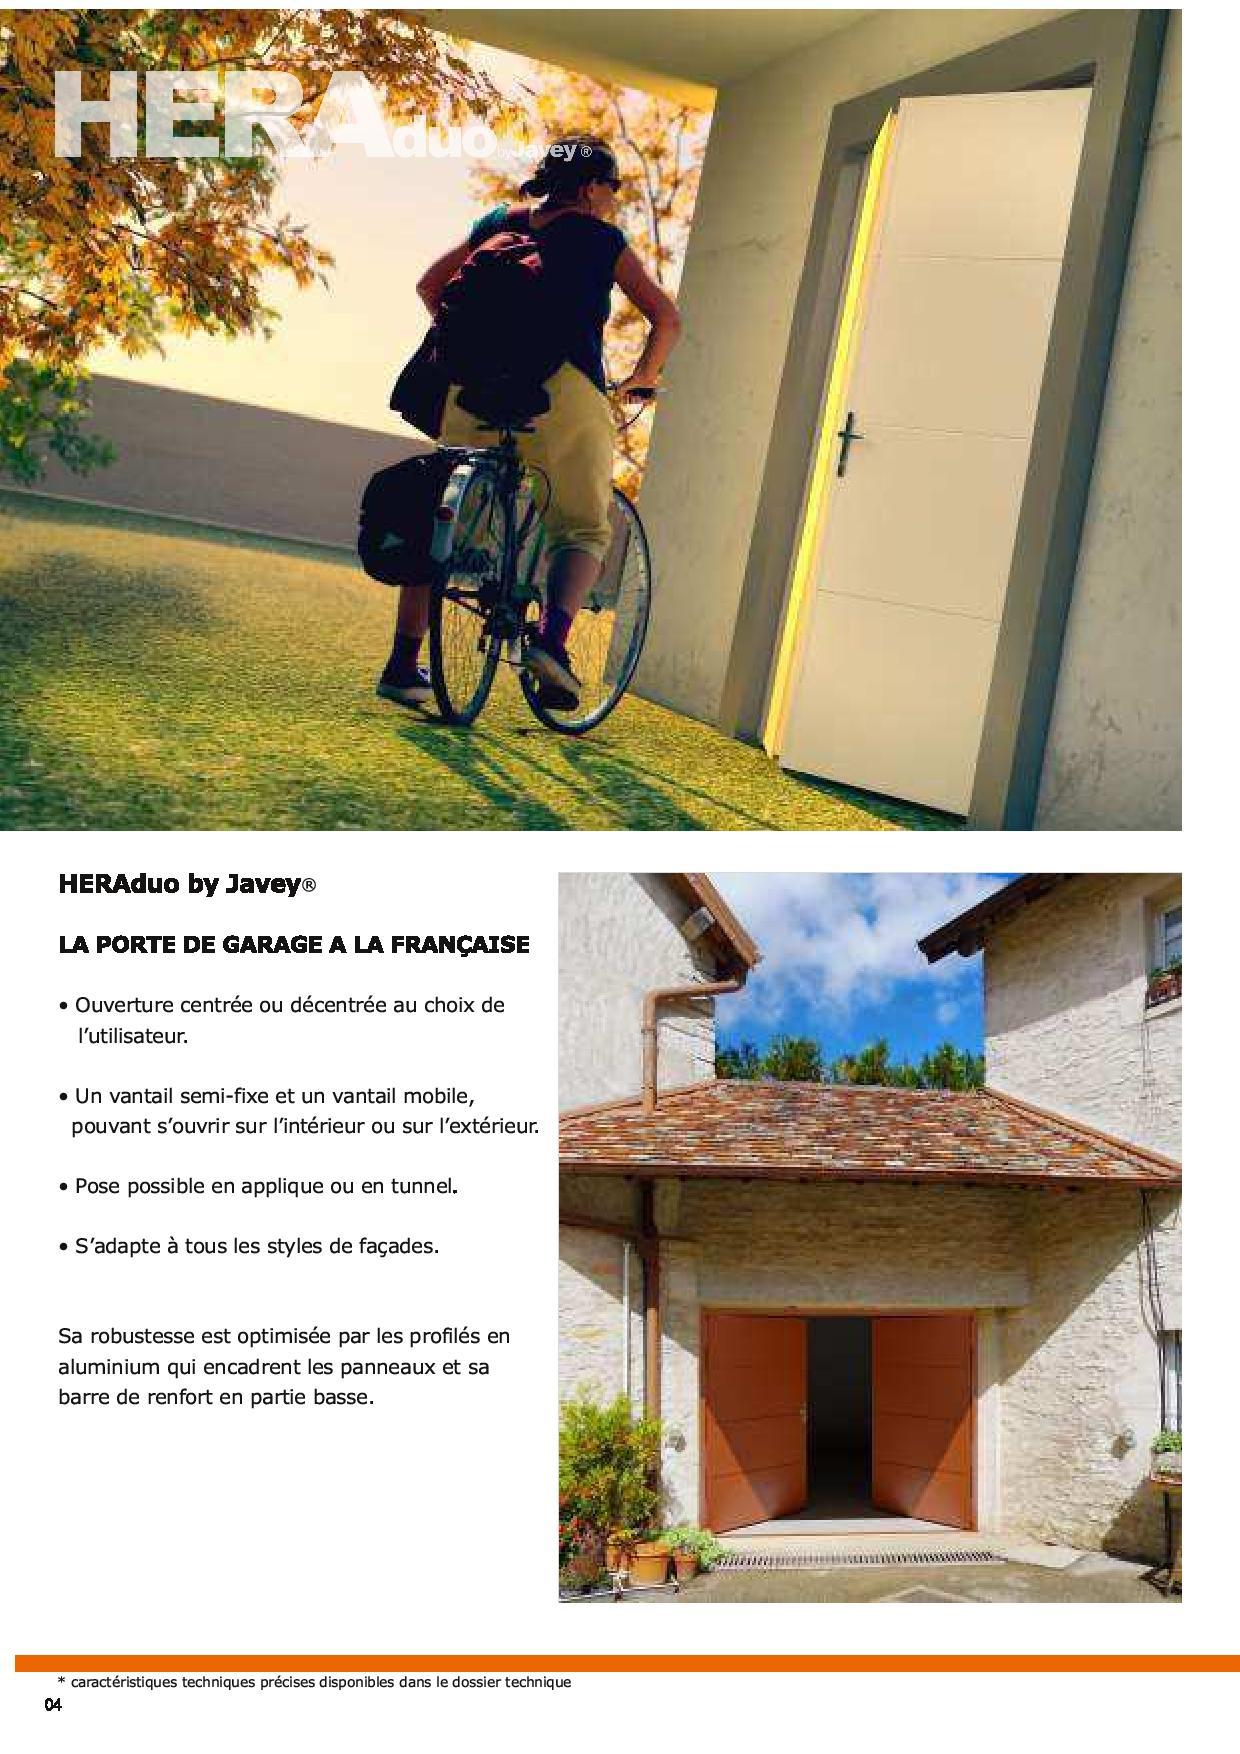 catalogue-Hera-Javey-page-004